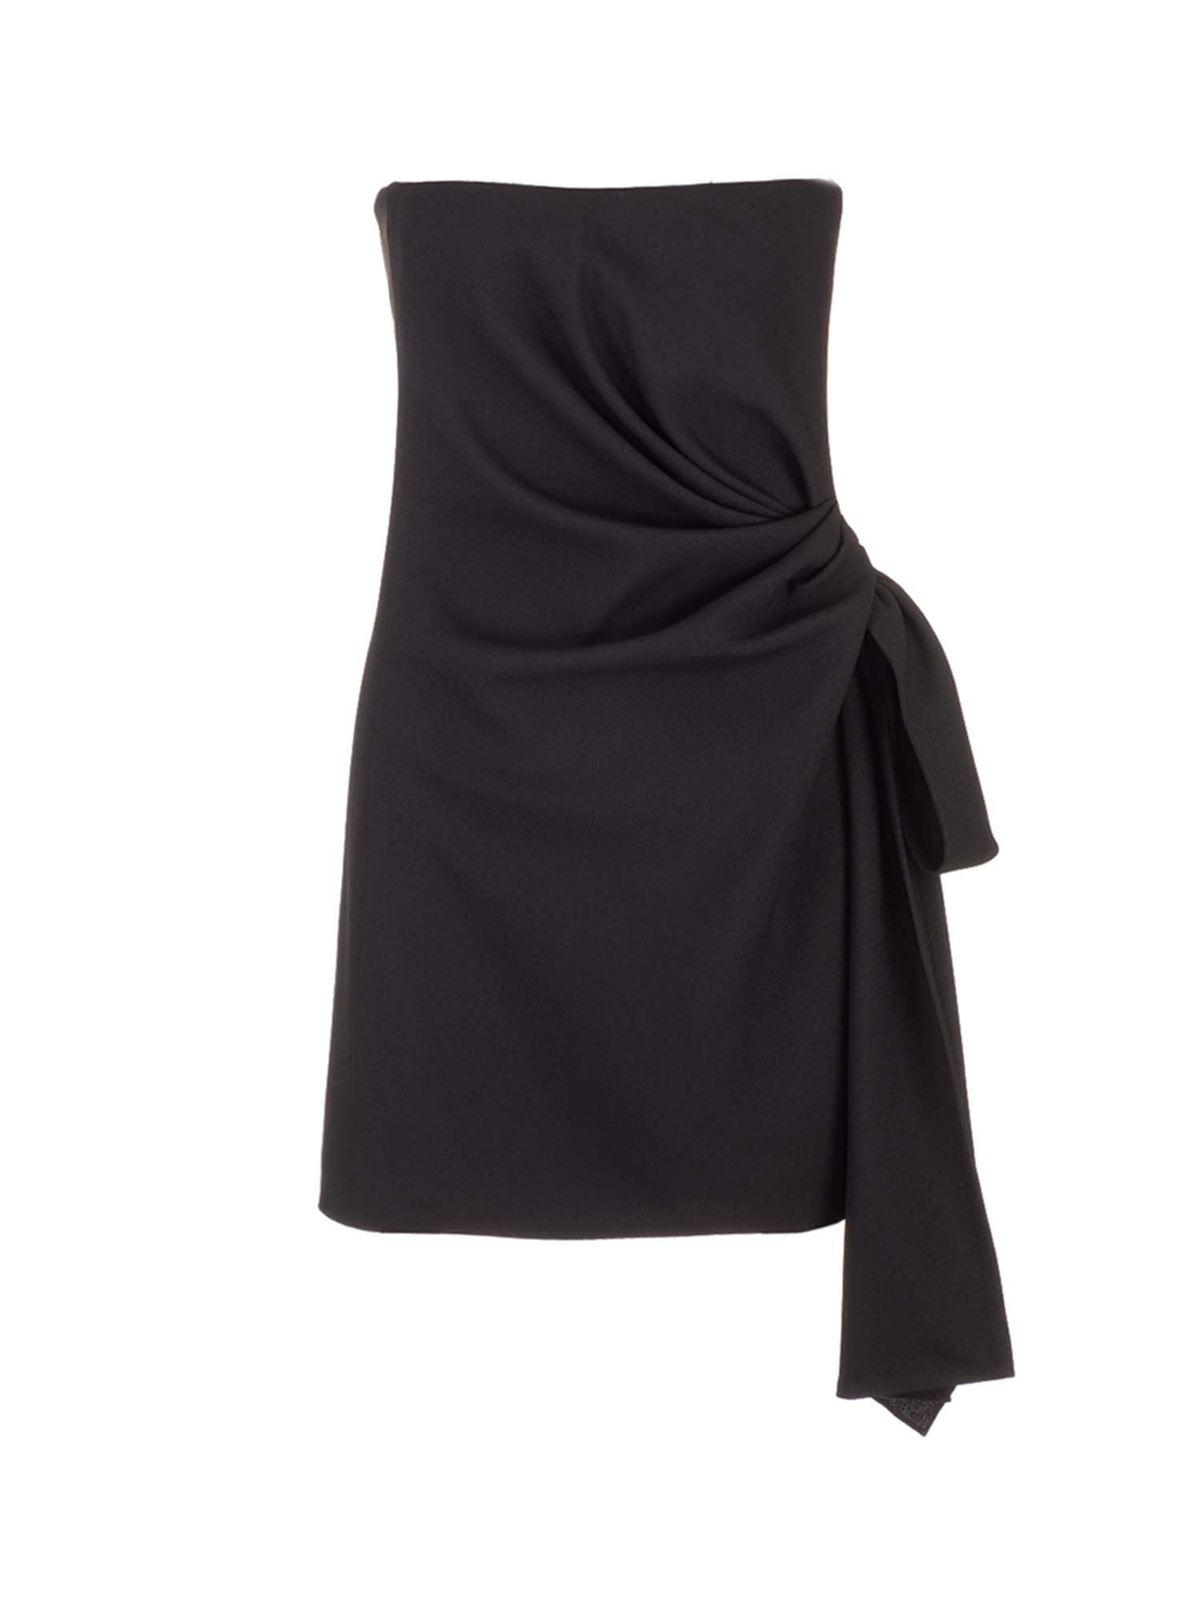 Saint Laurent KNOT SHORT DRESS IN BLACK